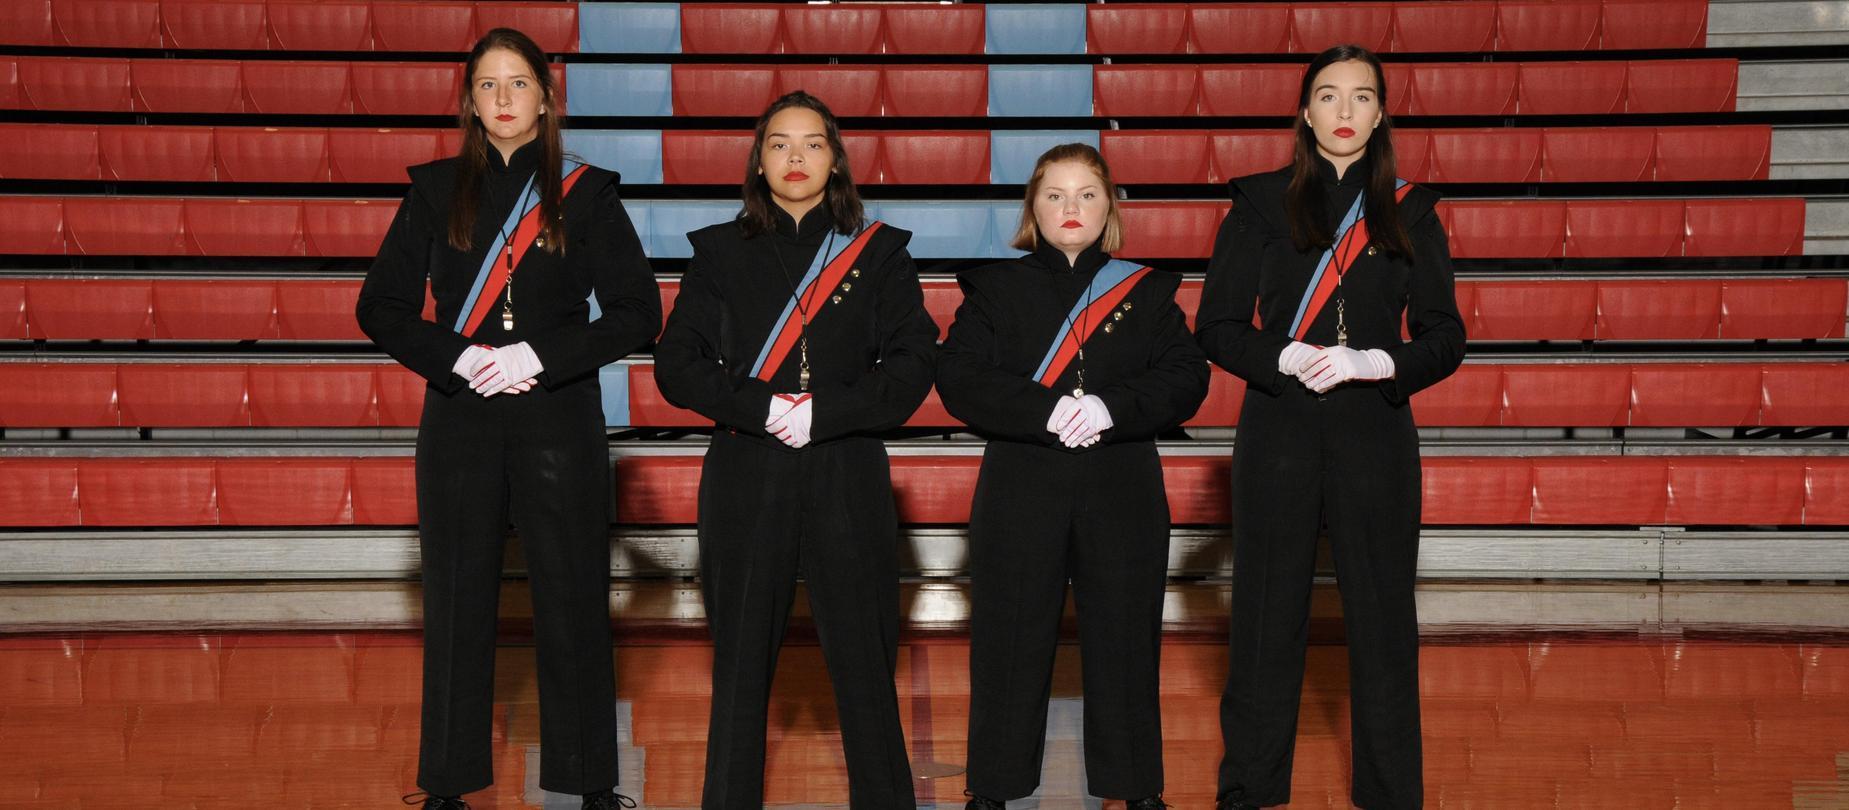 LHS Drum Majors